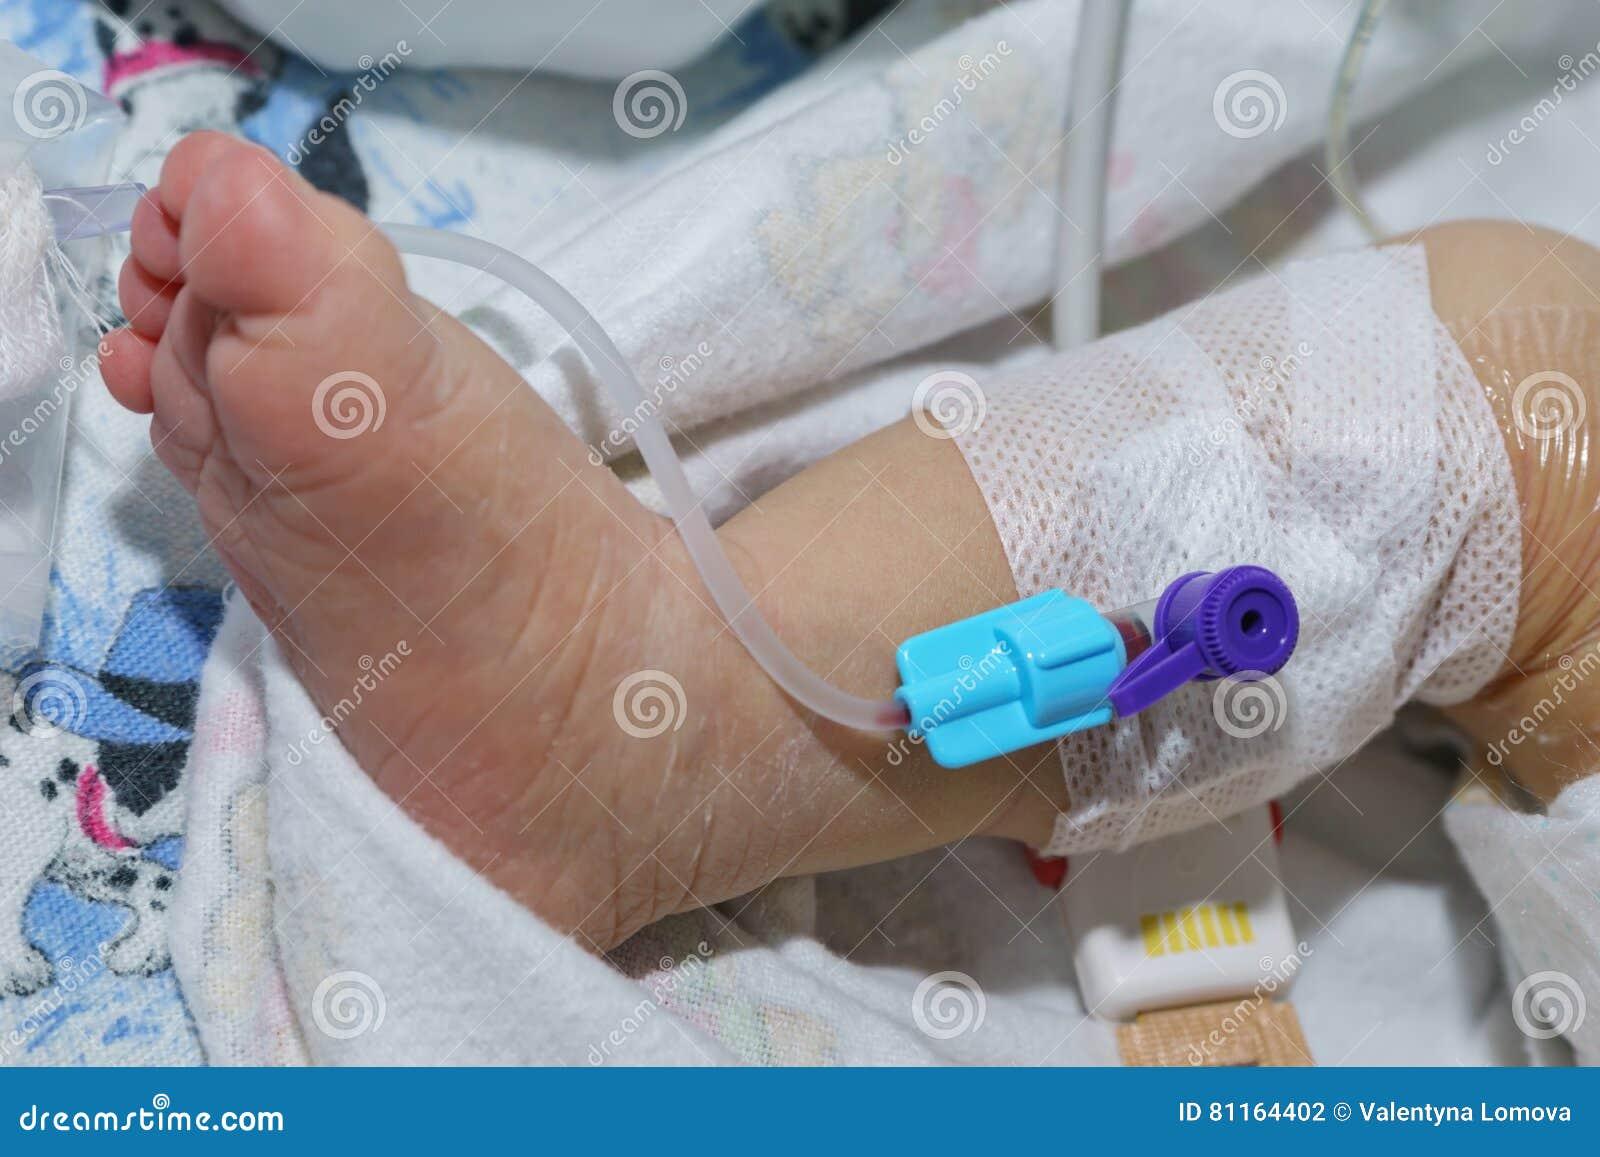 Тщательно соблюдать правила асептики при пункции депо или подключении инфузионного раствора к катетеру хикмана.